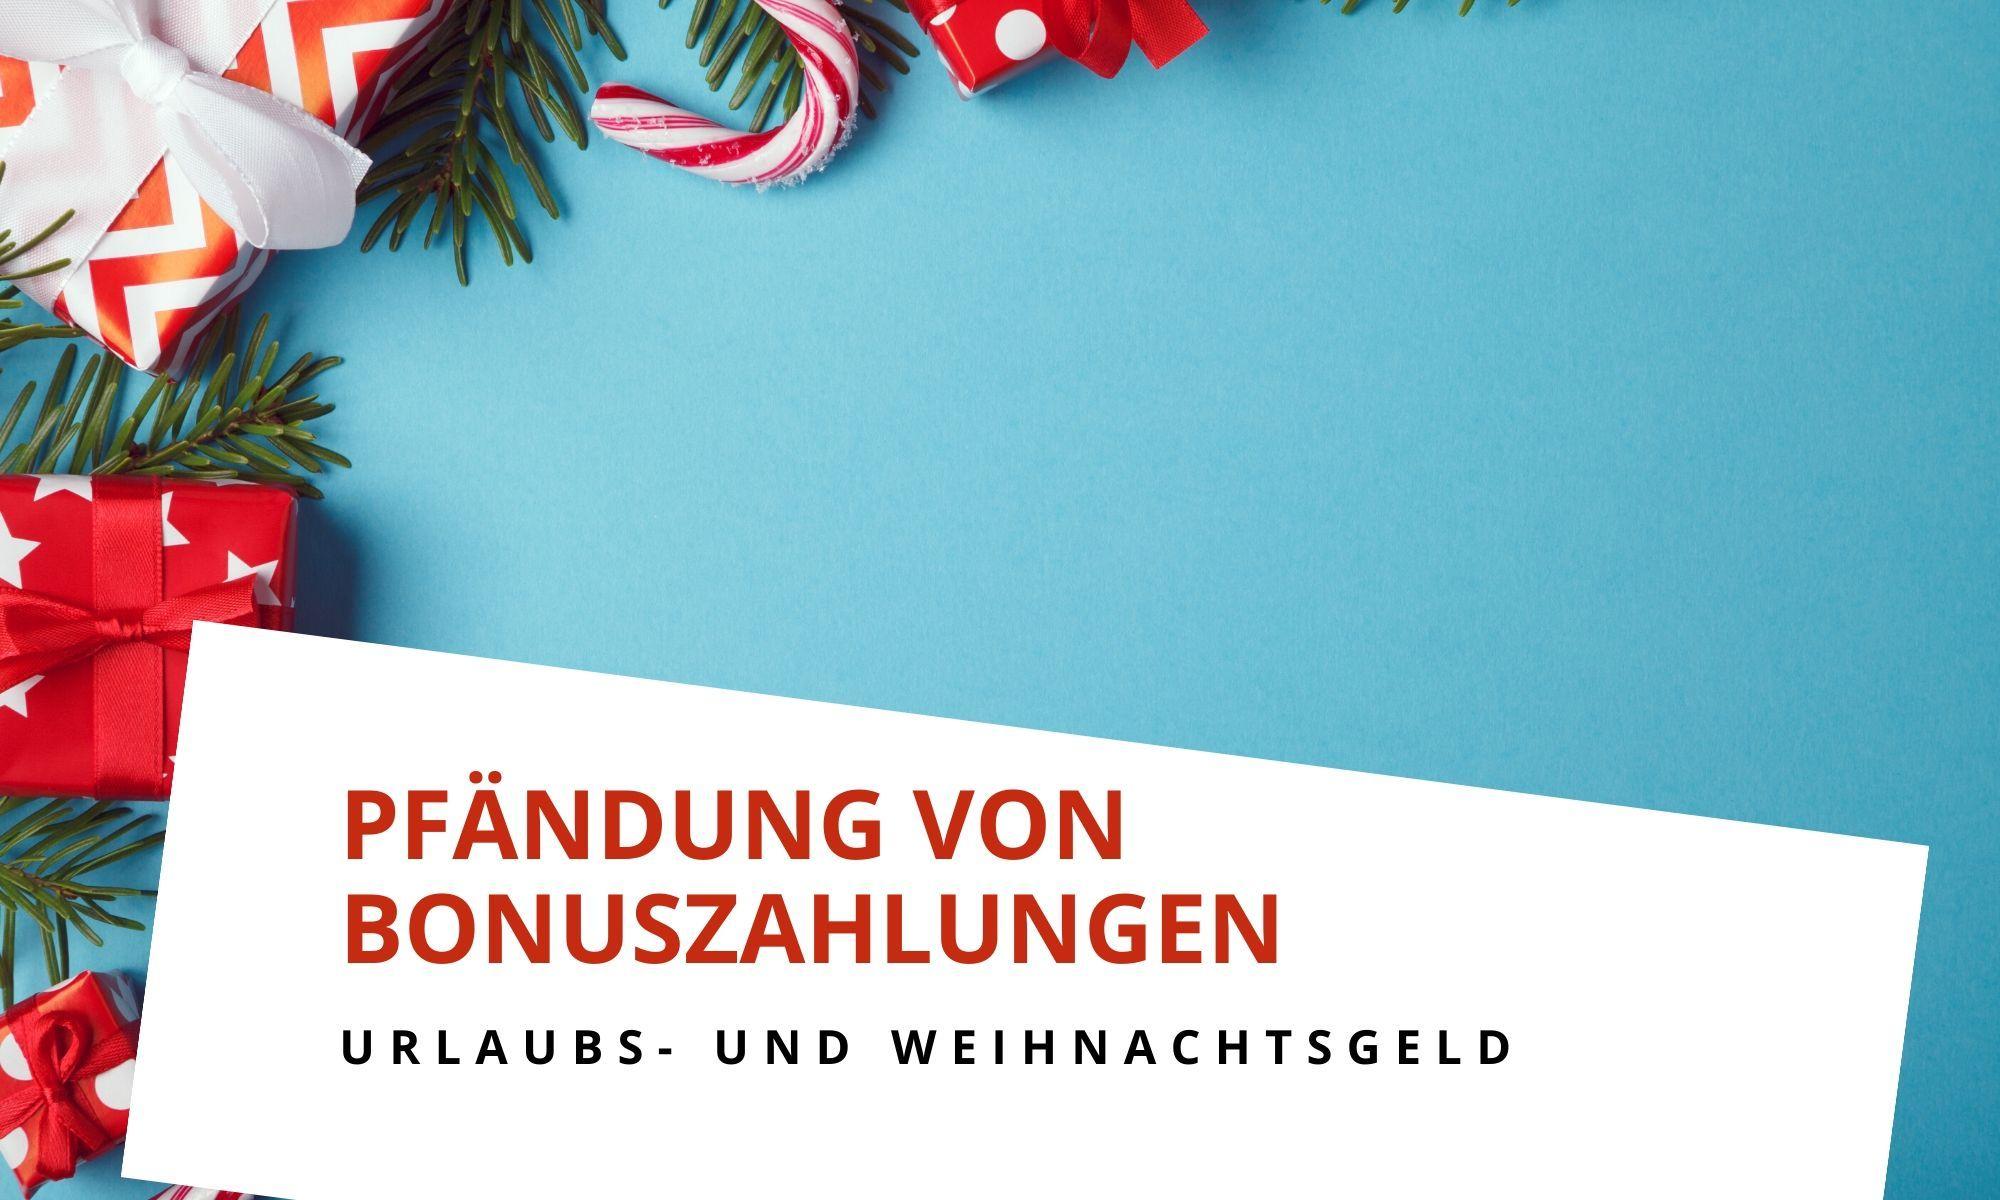 Pfändung von Bonuszahlungen / Weihnachtsgeld vom Arbeitgeber bei einer Konto- oder Lohnpfändung (Update: 30.11.2020)